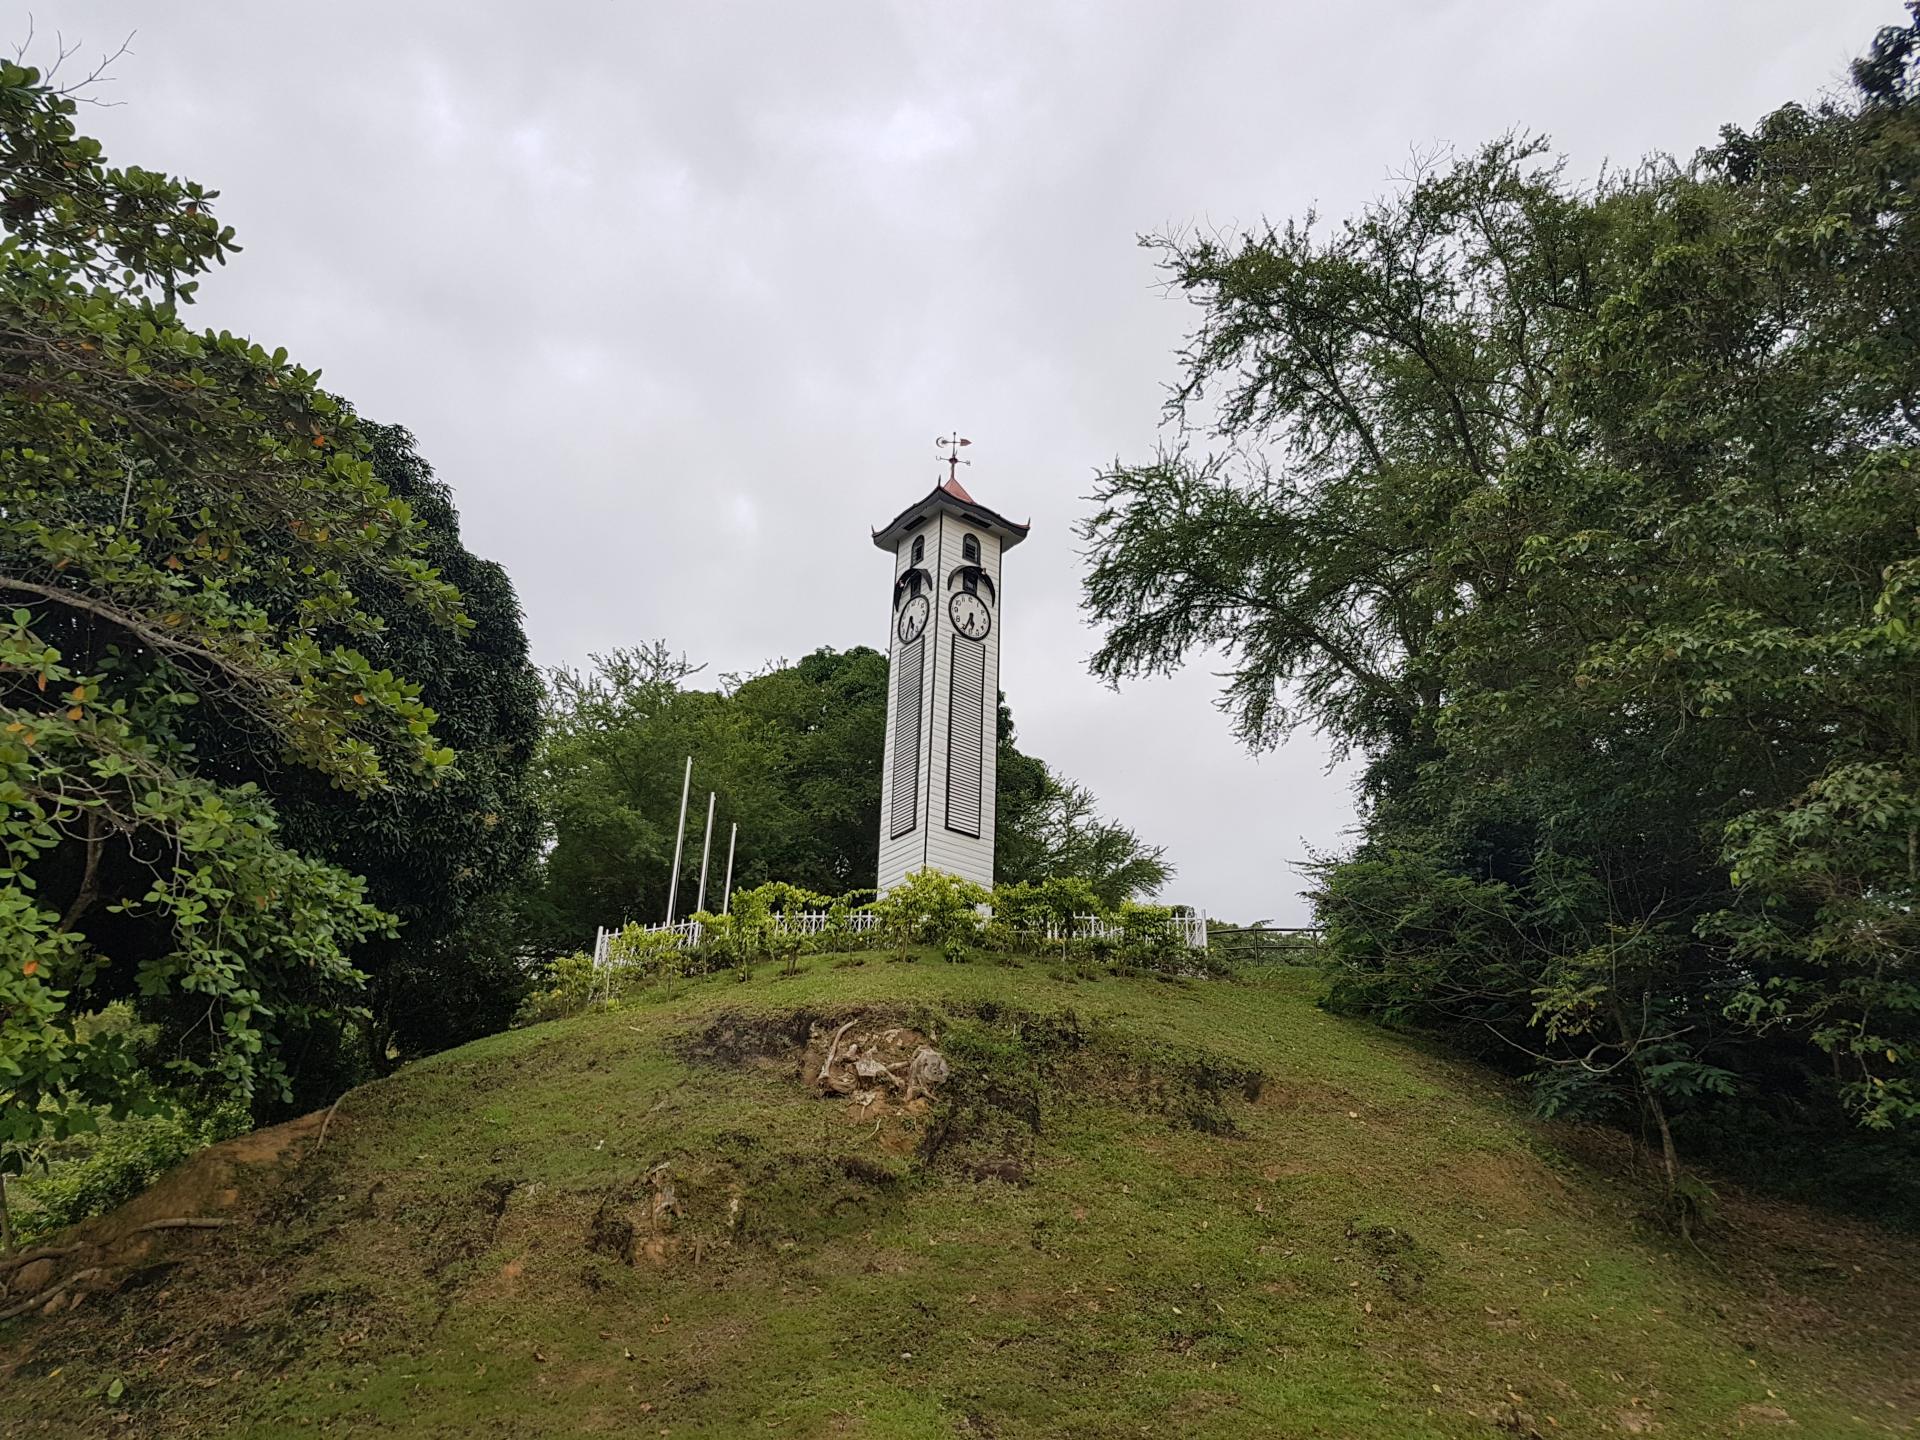 Часовая башня Аткинсона